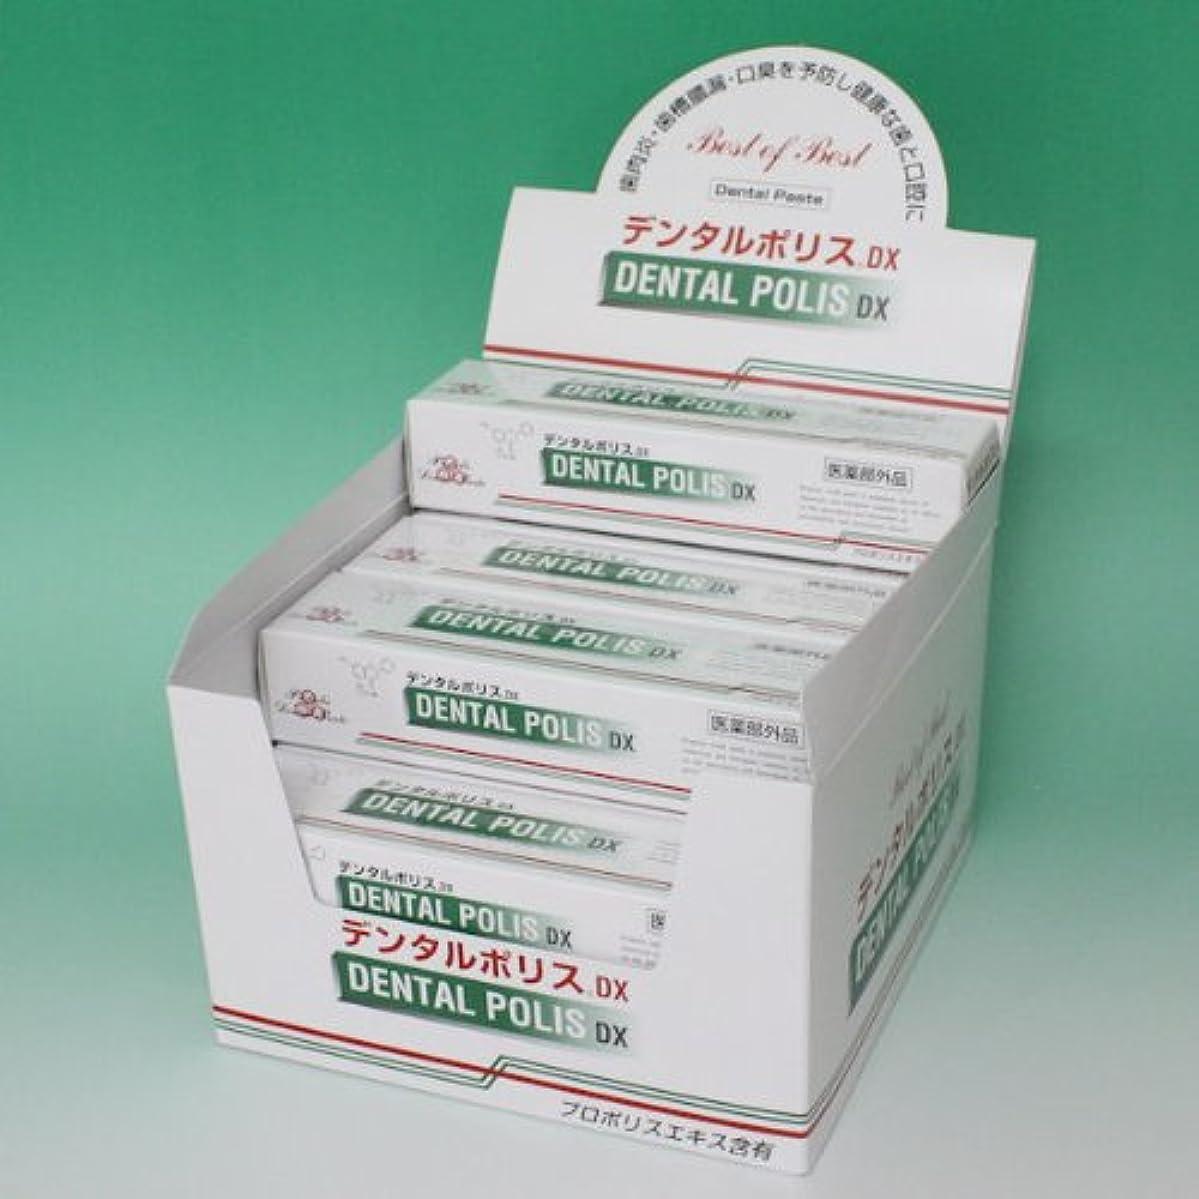 圧倒的遺伝子あなたが良くなりますデンタルポリスDX 80g  12本セット 医薬部外品  歯みがき 8gサンプル2本 進呈!